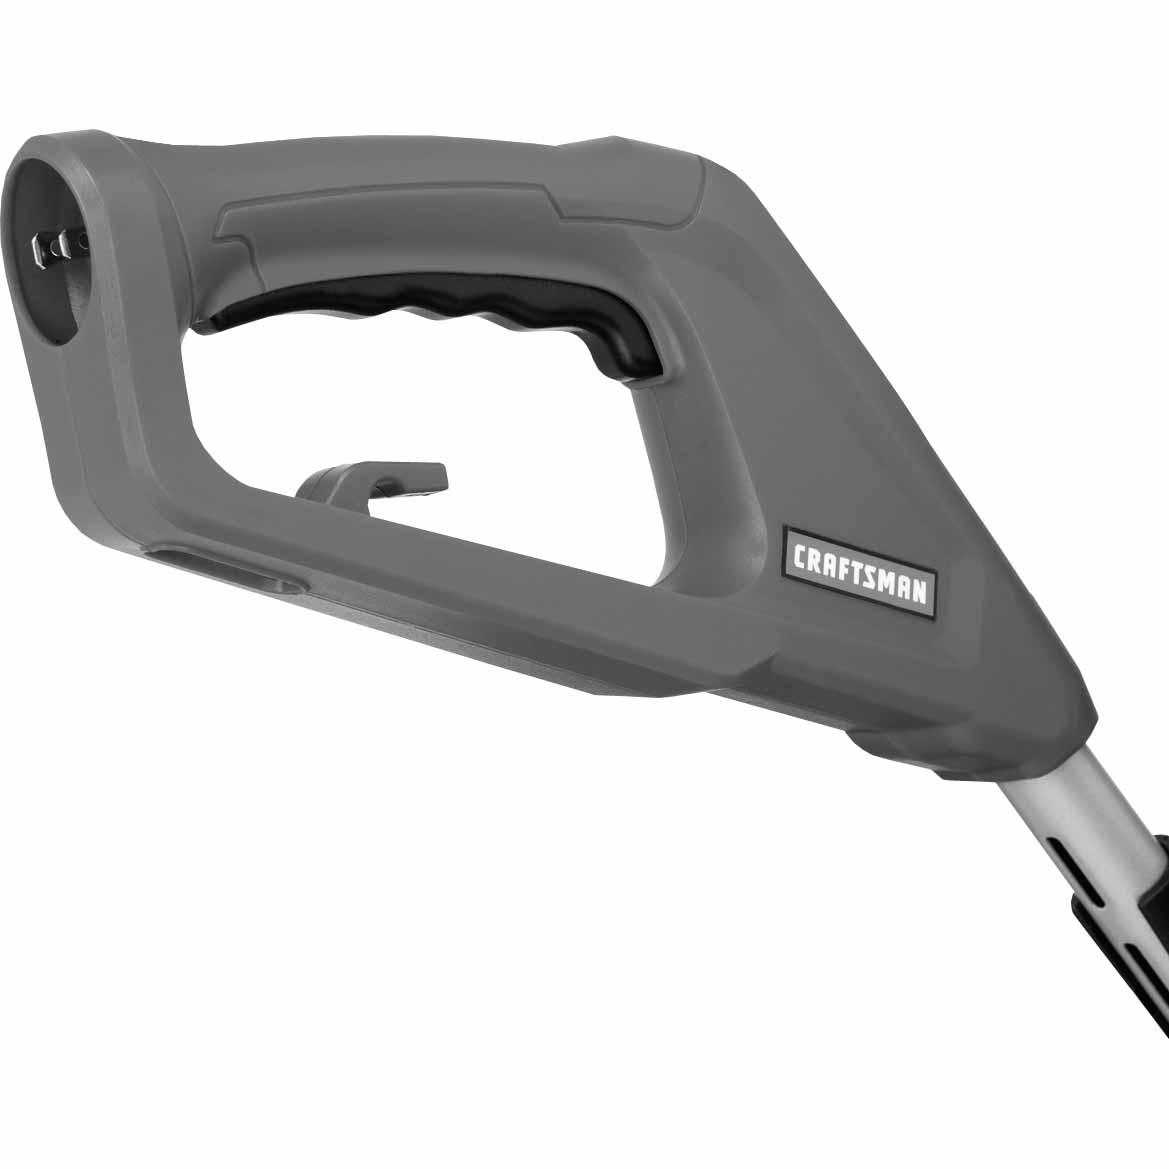 """Craftsman 15"""" 5.5 Amp Line Trimmer"""